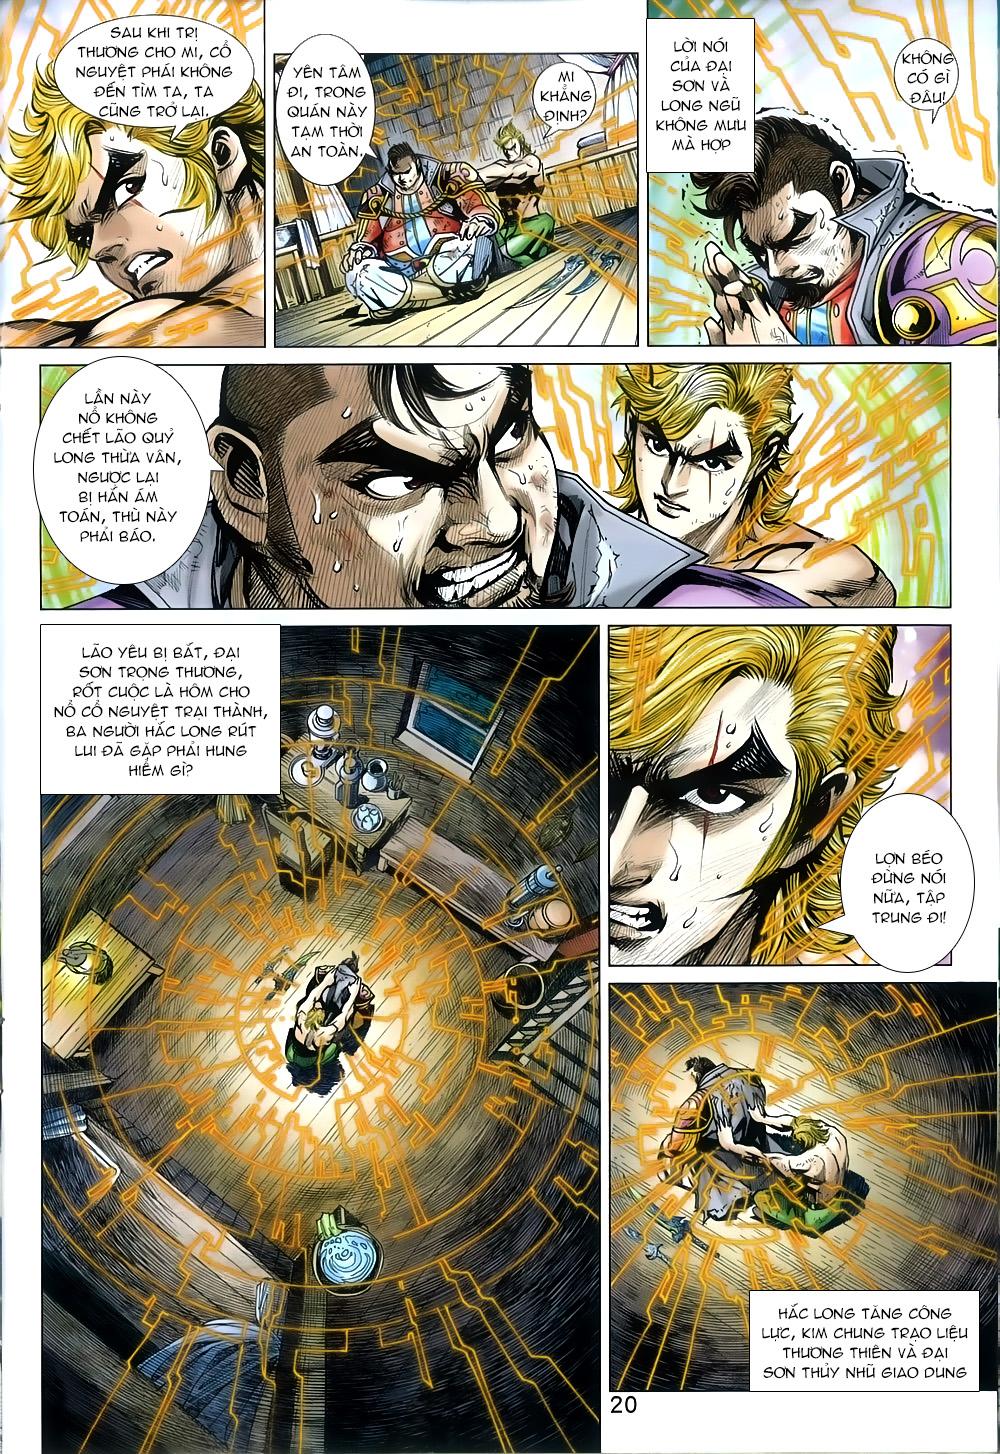 Tân Tác Long Hổ Môn chap 812 Trang 20 - Mangak.info